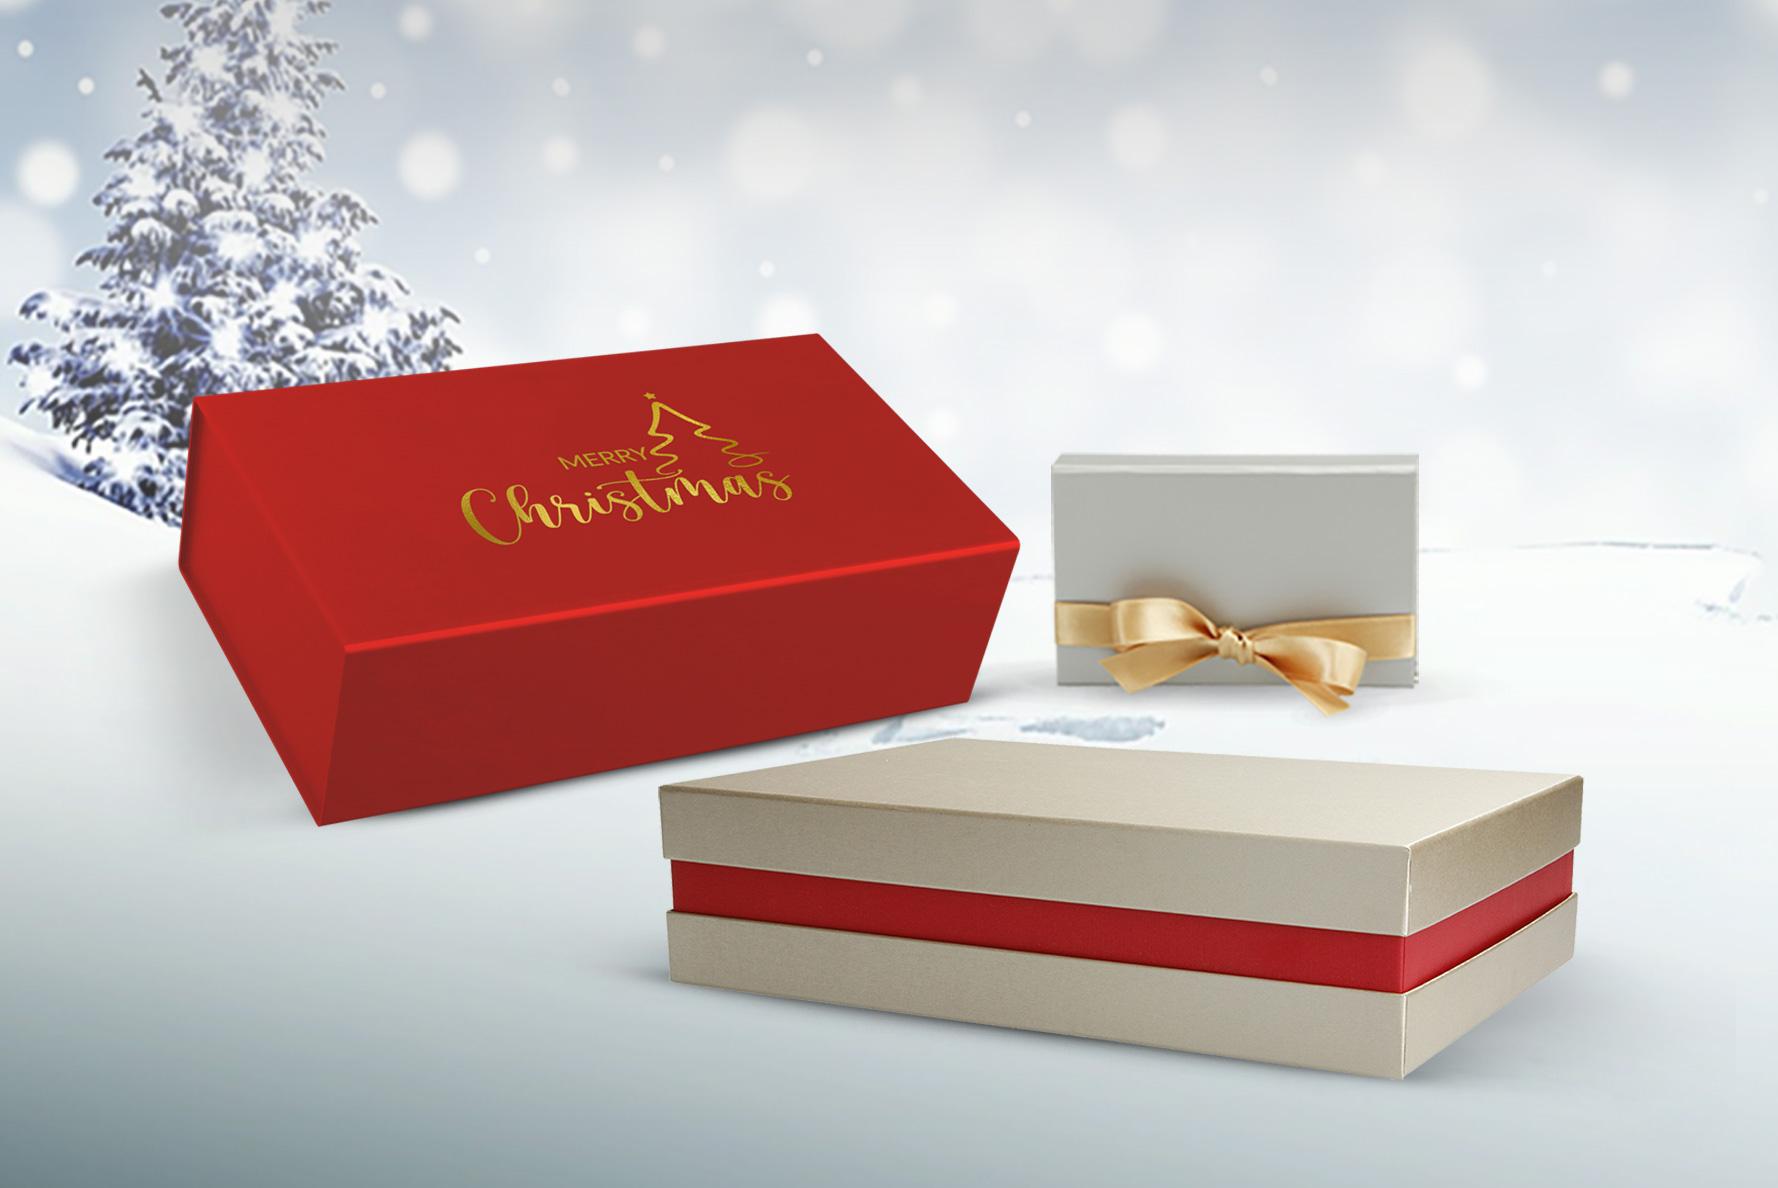 2 besondere Geschenkbox Ideen zu Weihnachten